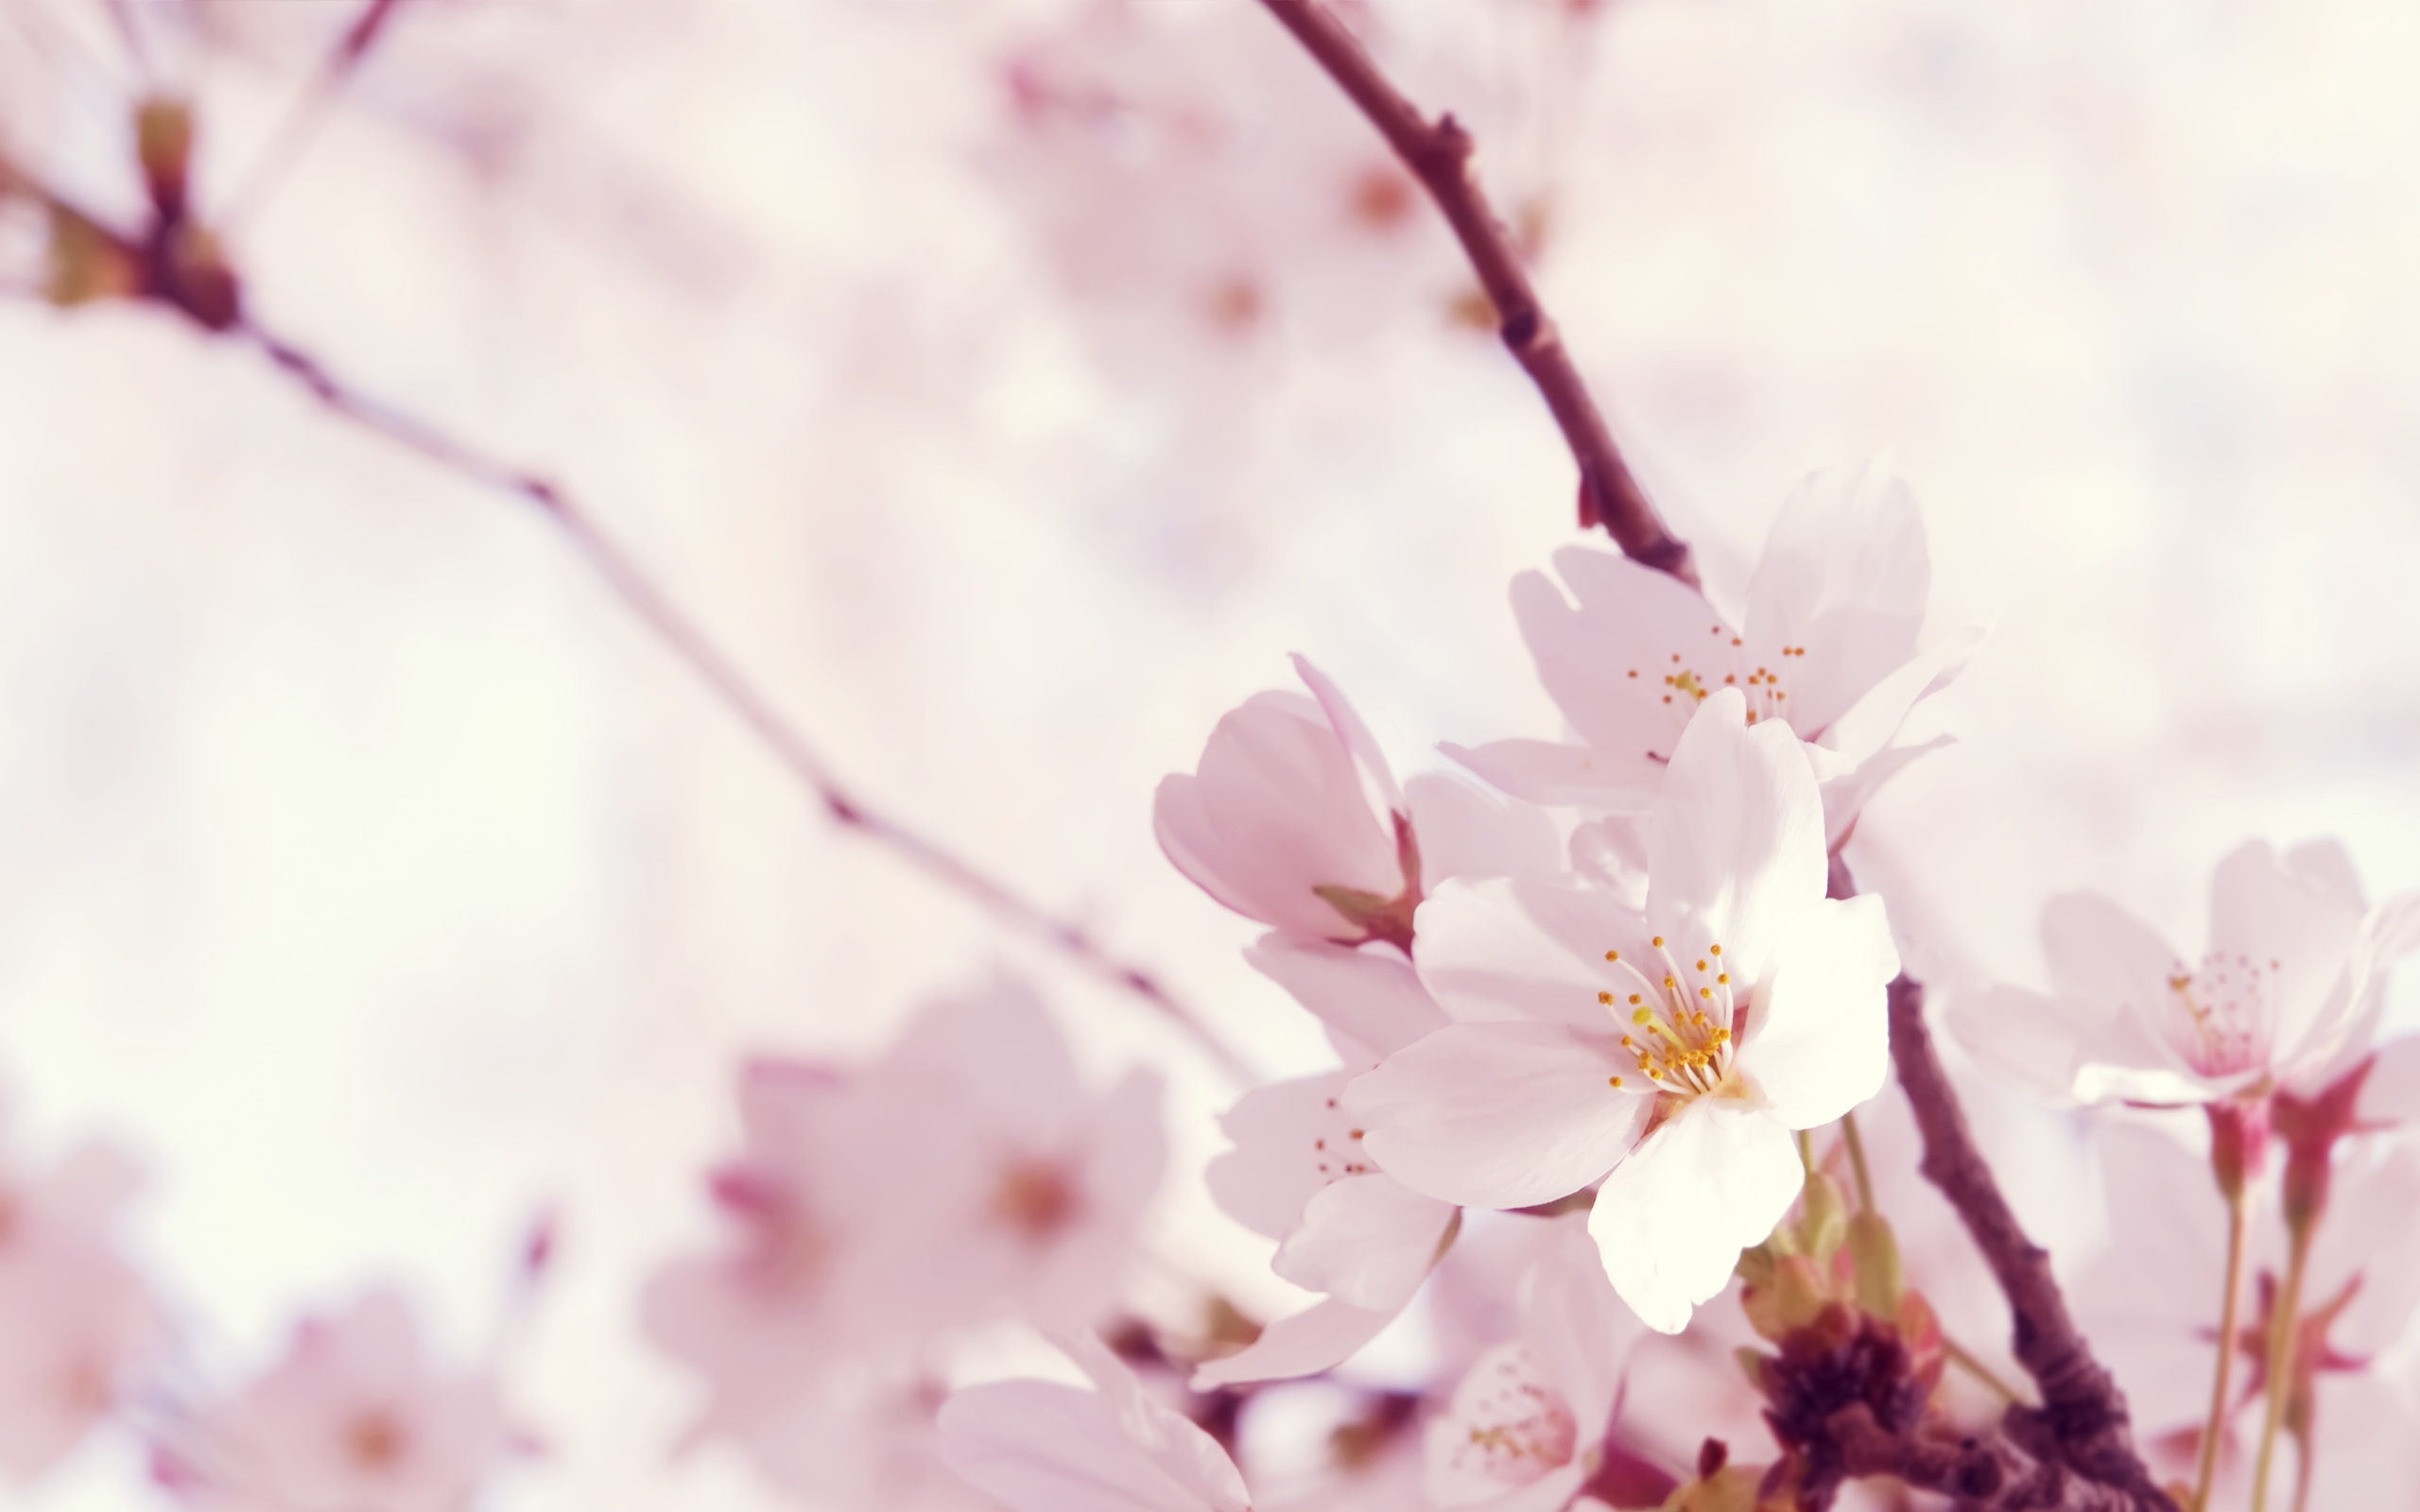 нежные цветочки на ветке бесплатно